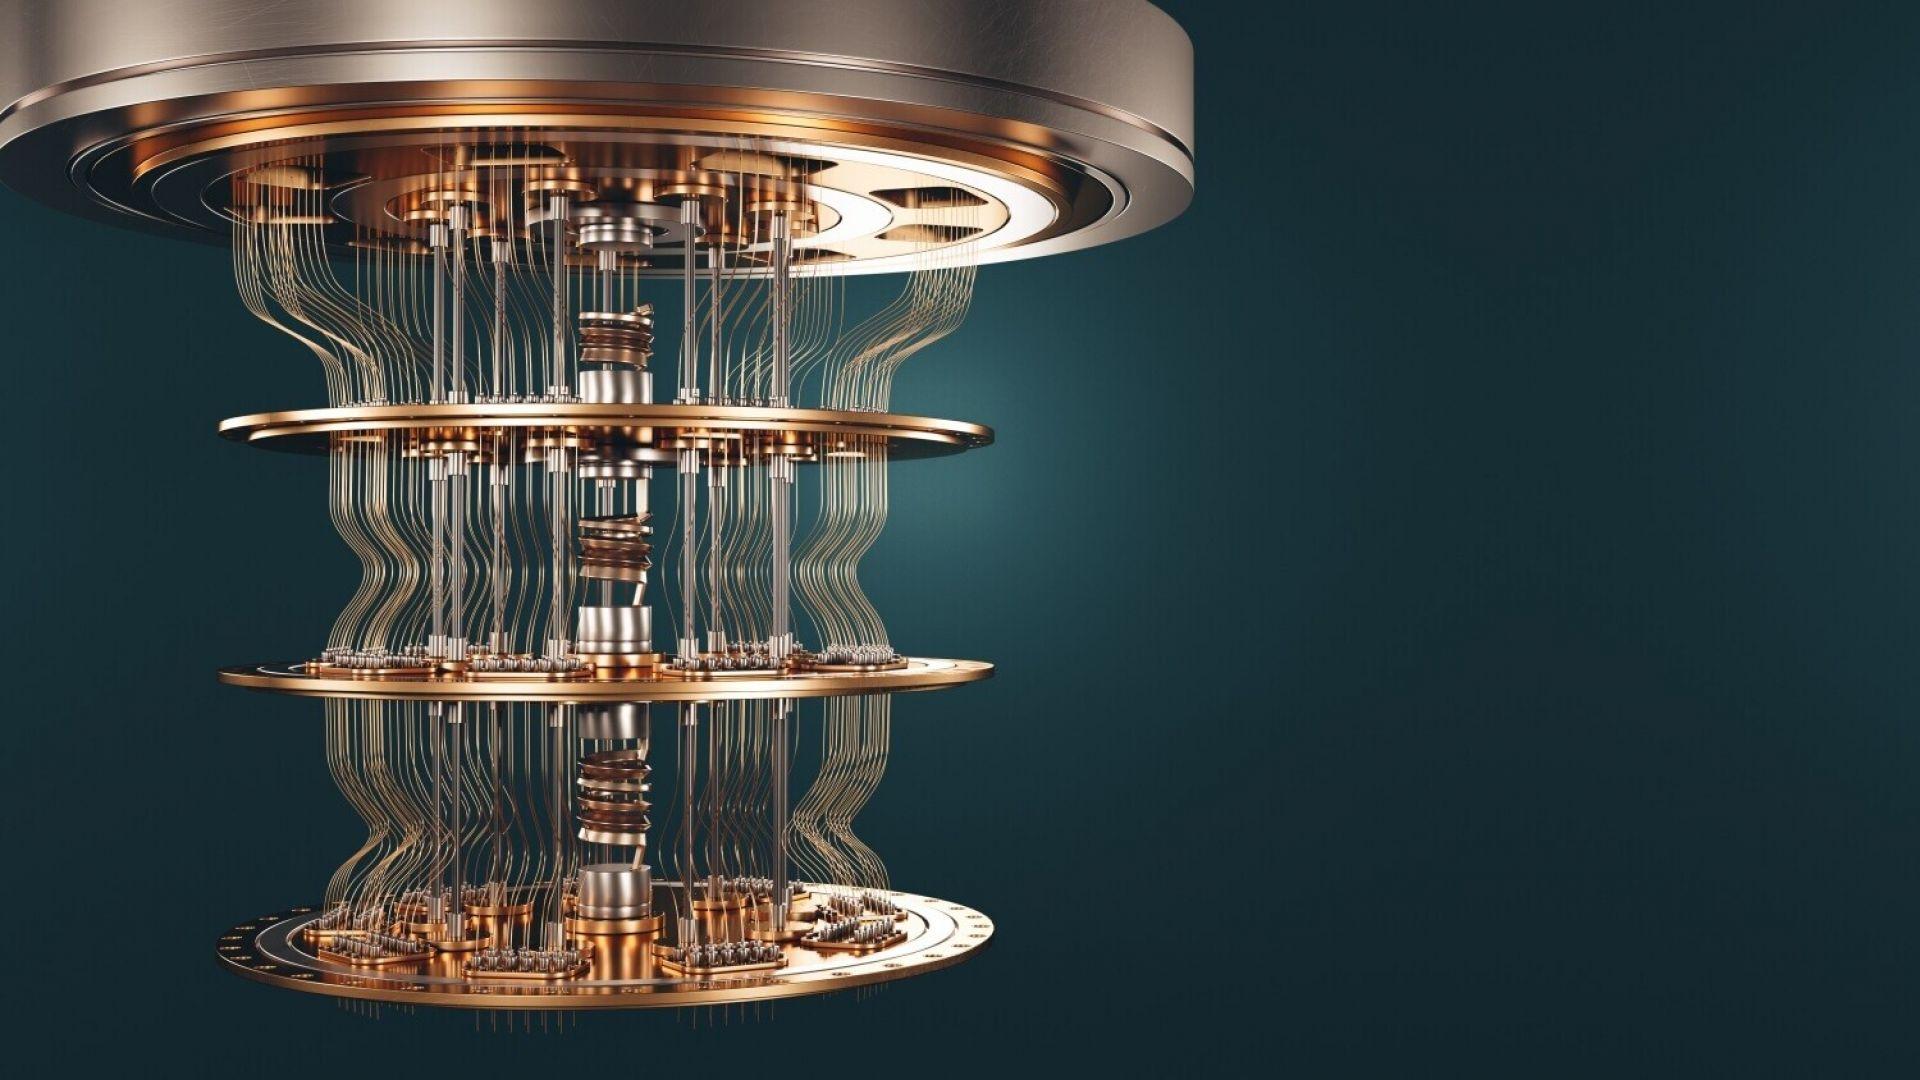 Създадоха най-мощния квантов компютър